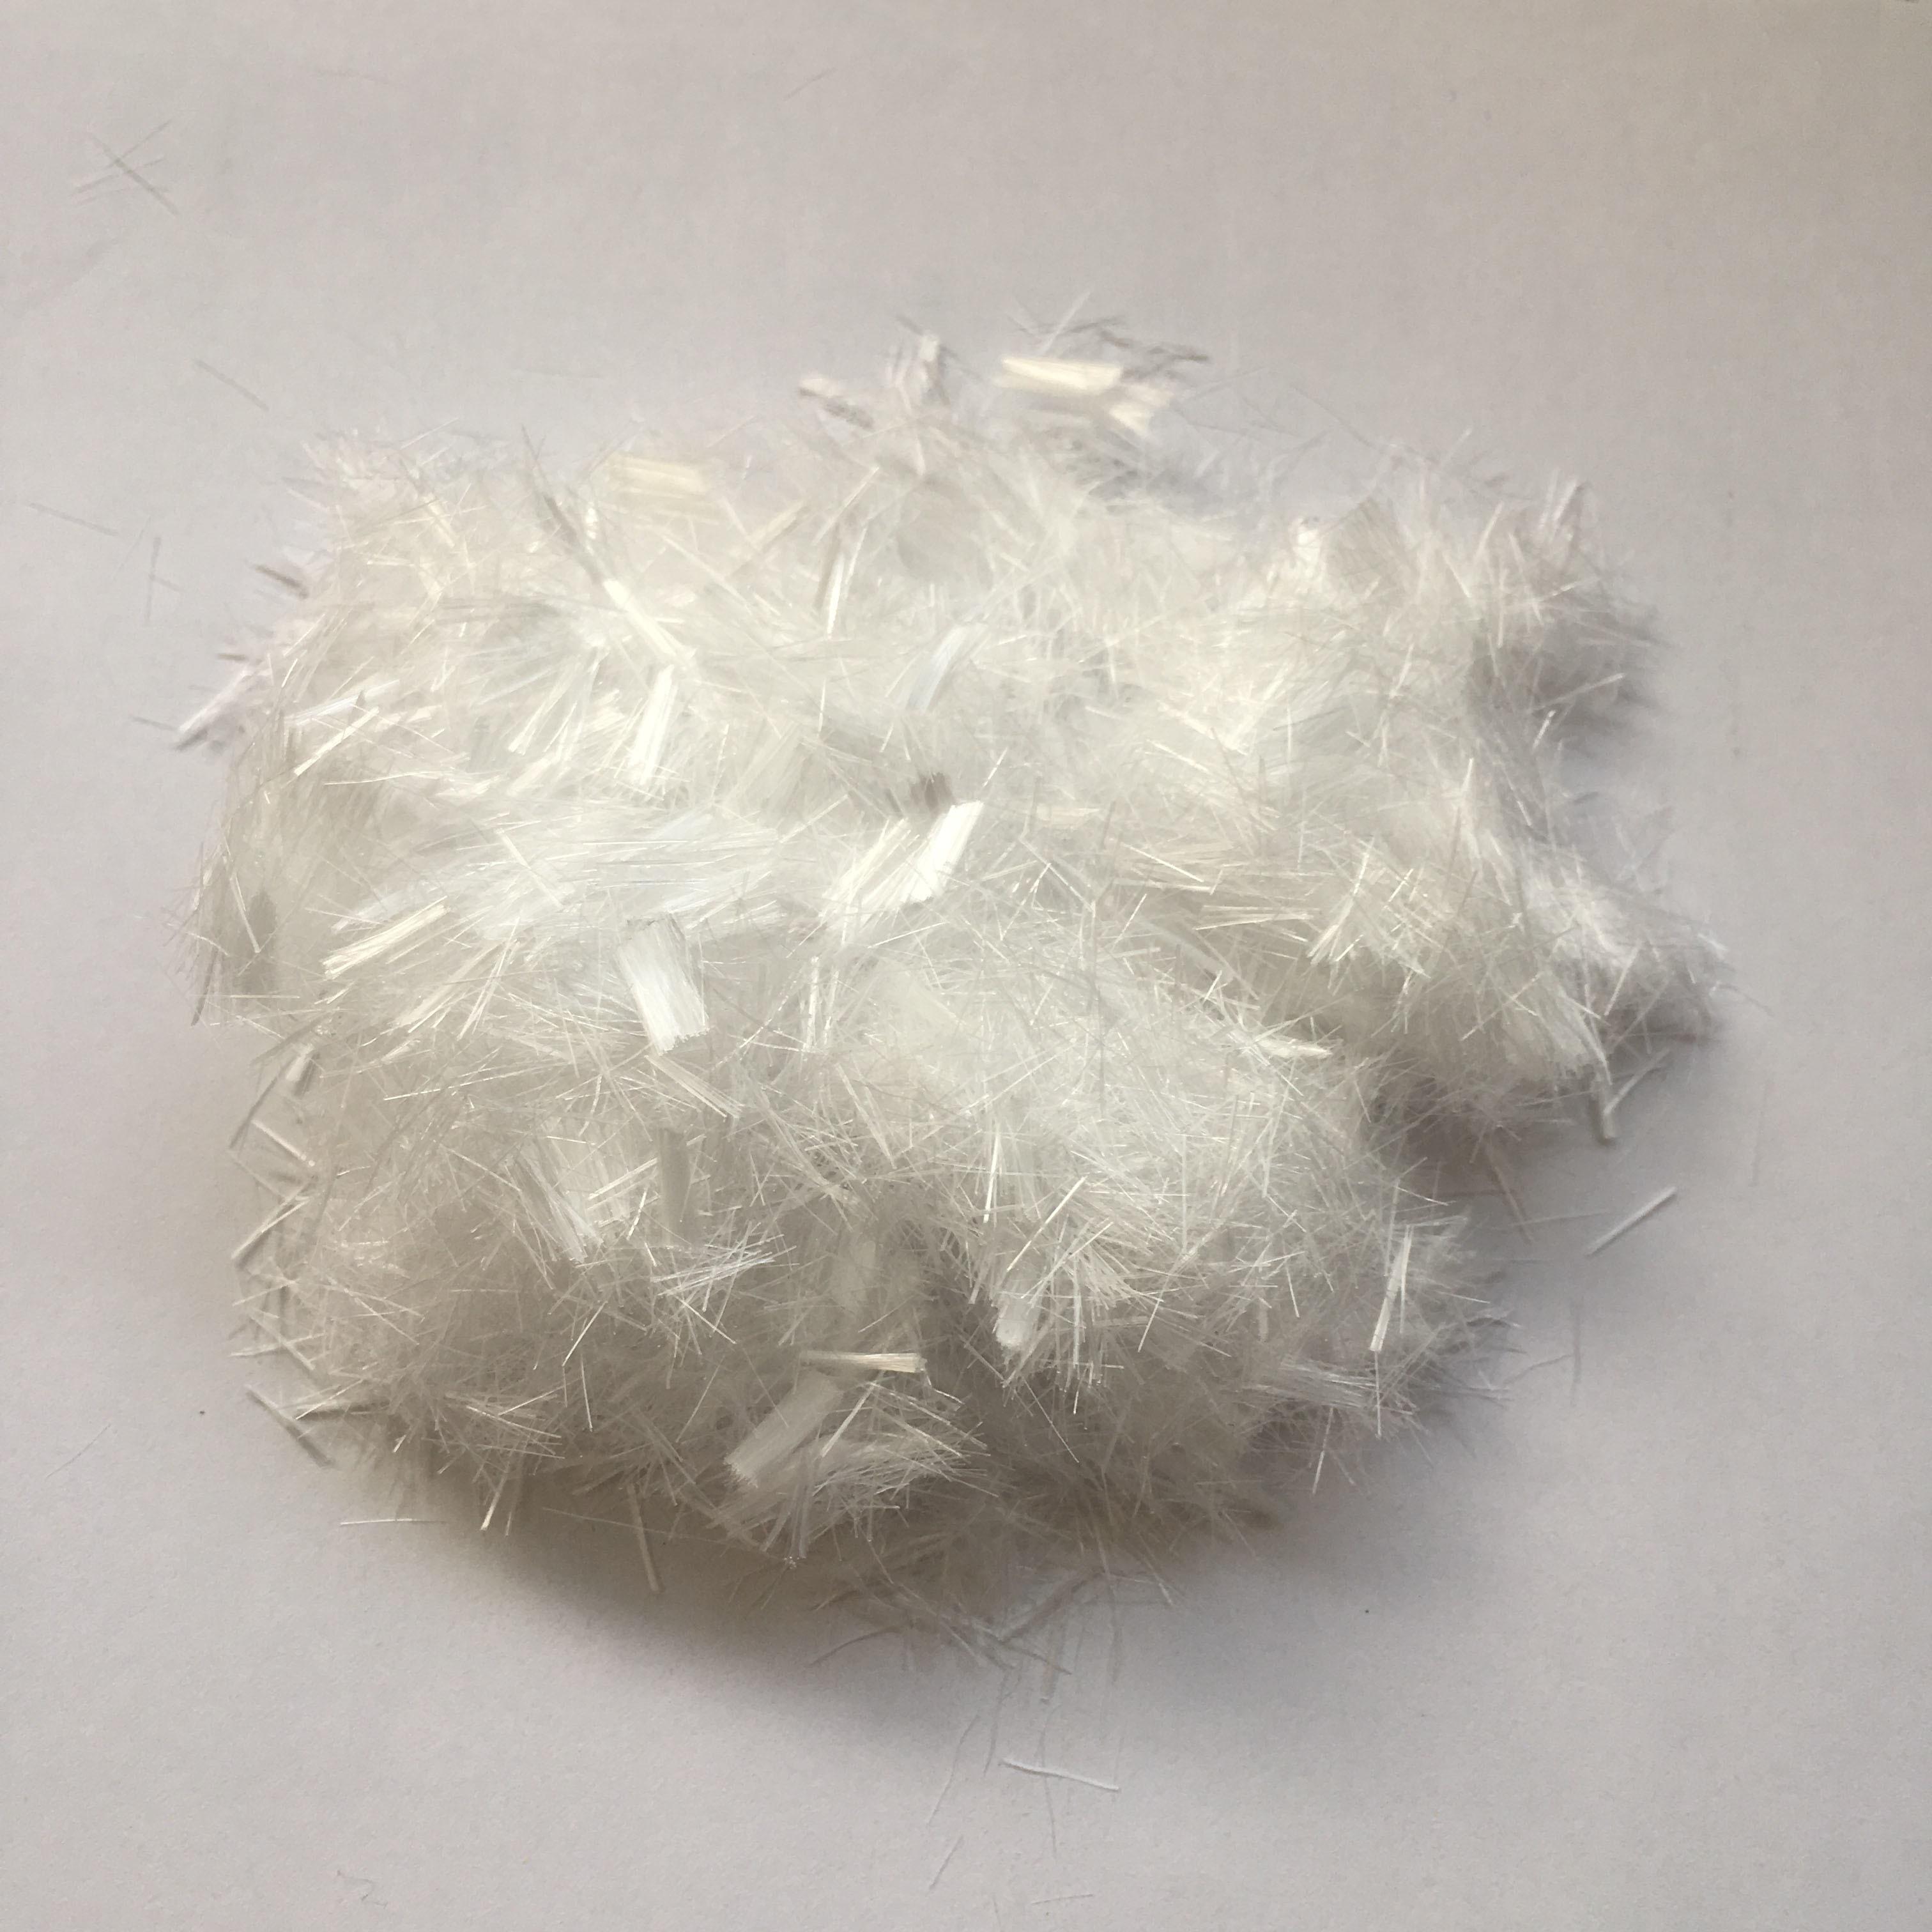 佛山聚丙烯短纖維 質量好 聚丙烯長纖維 知名廠家供應 清陽化工